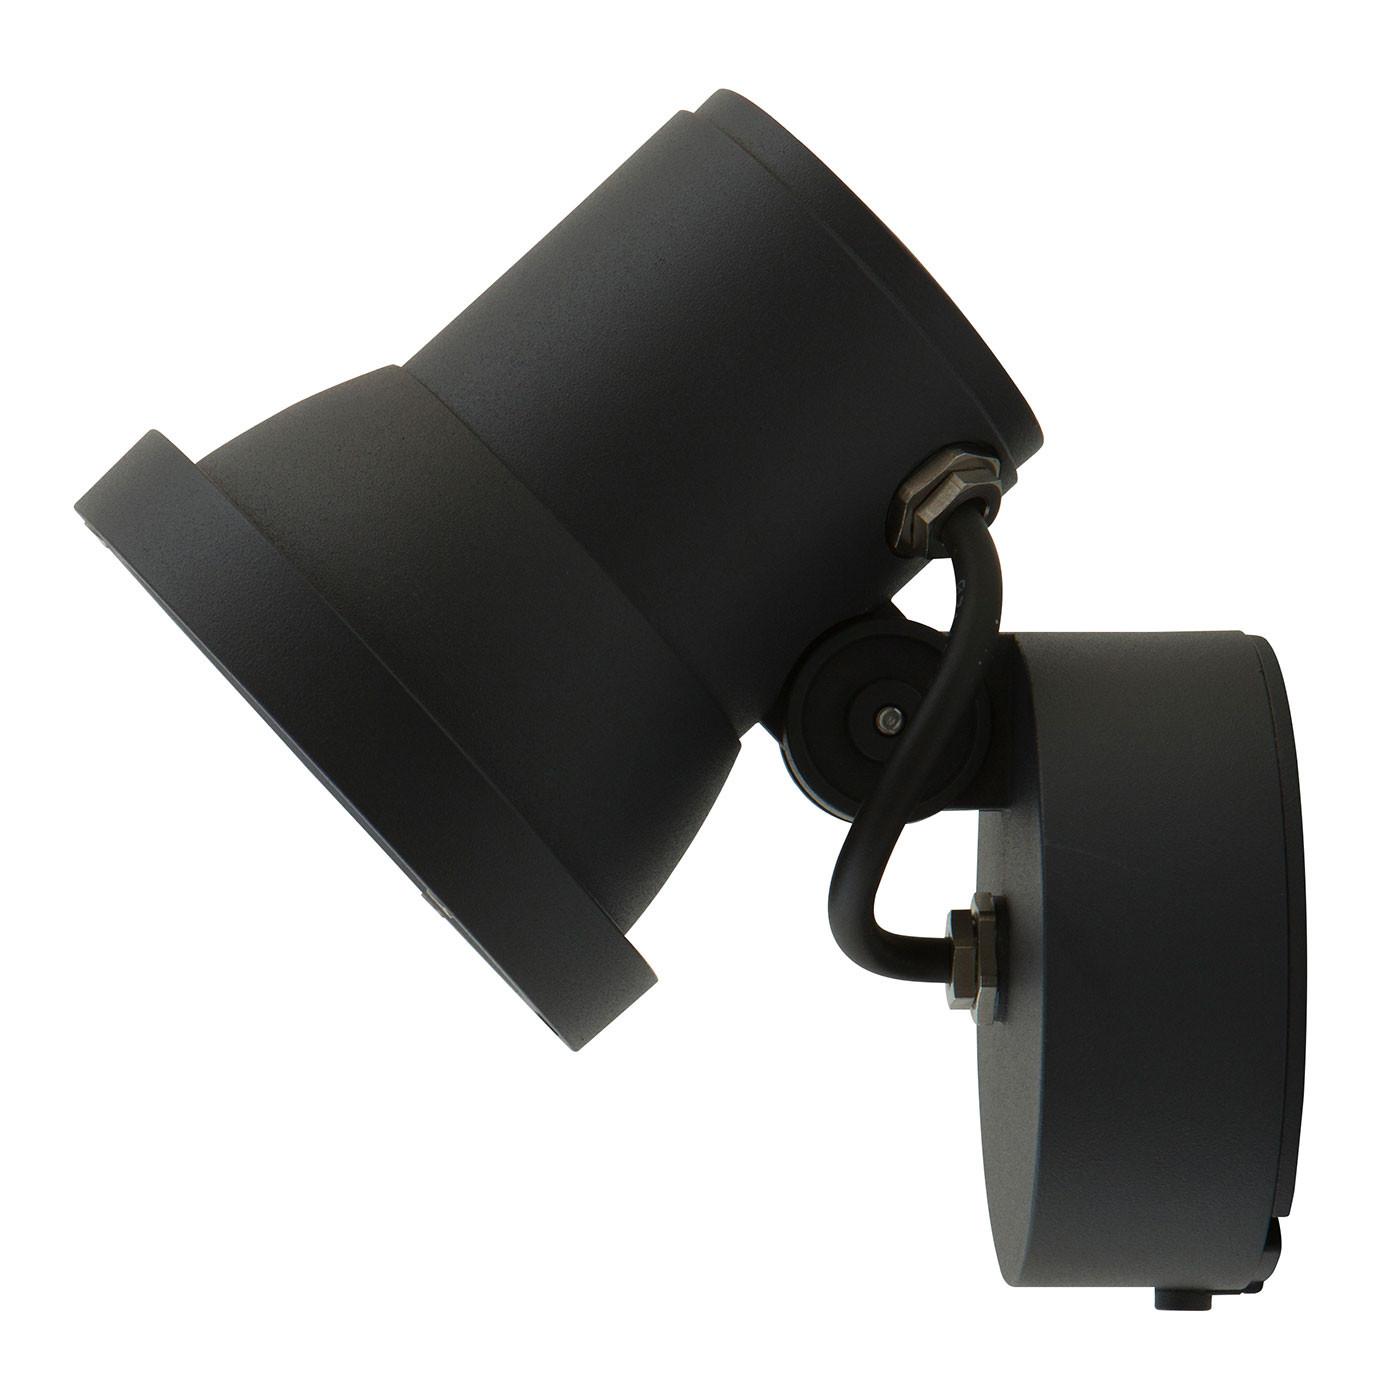 Bega 77607 LED-Scheinwerfer mit Montagedose, ohne Netzteil